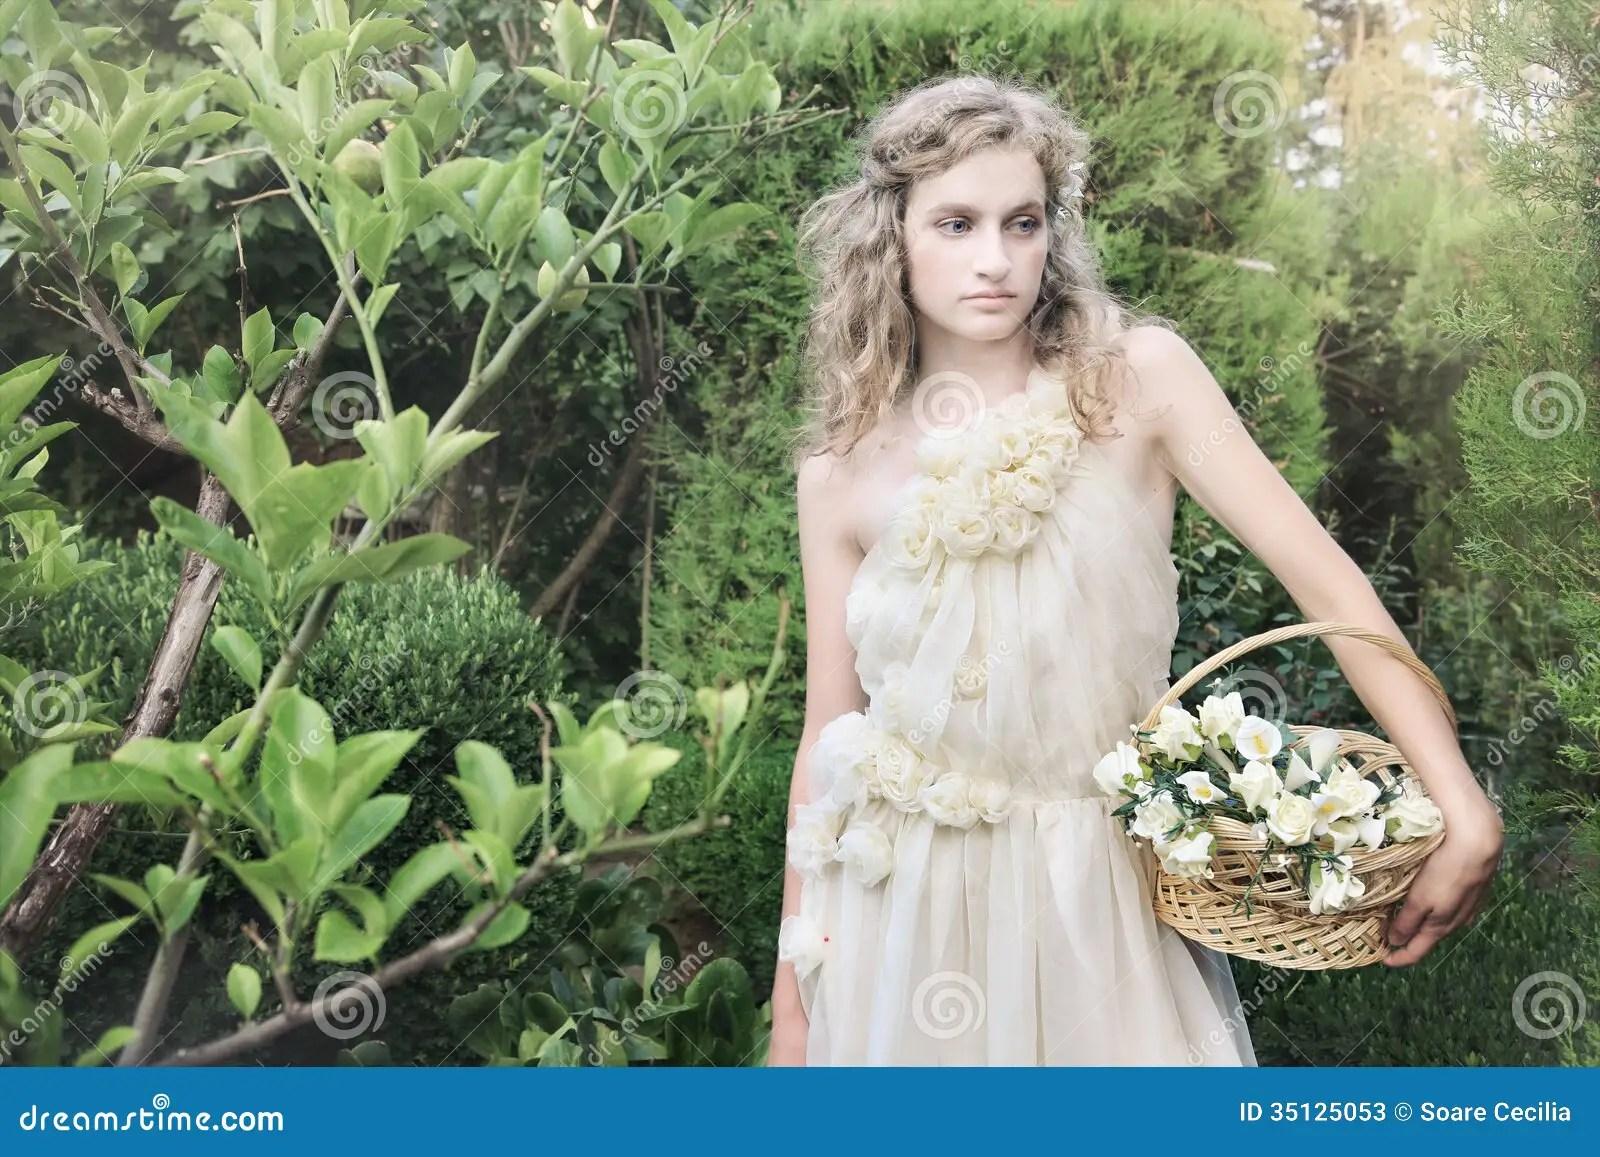 Beautiful Bride In Garden In Wedding Gown, Dress Stock